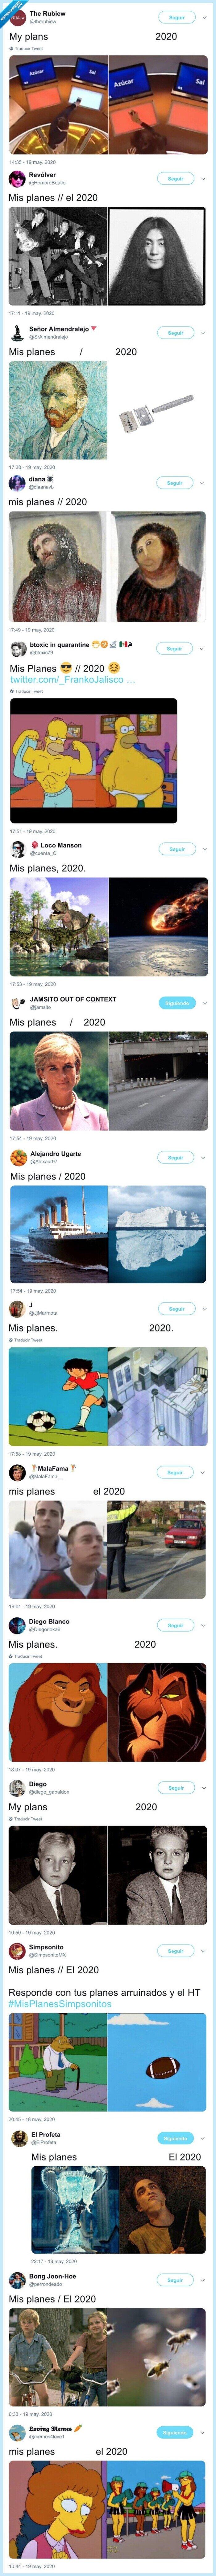 2020,futuro,planes